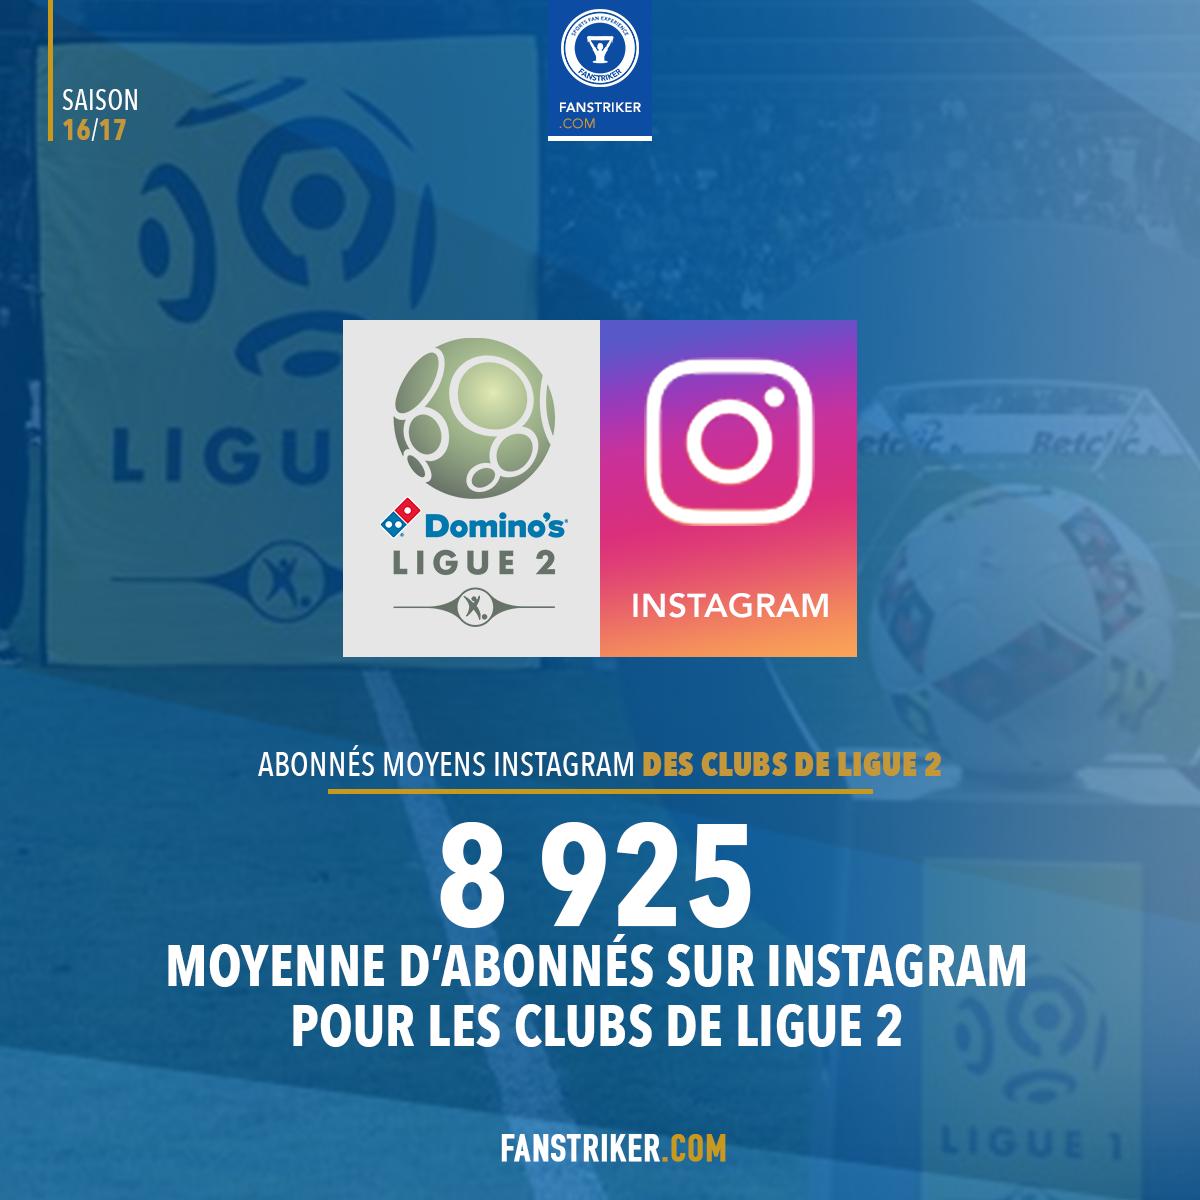 La moyenne des abonnés sur les comptes Instagram des clubs de Ligue 2